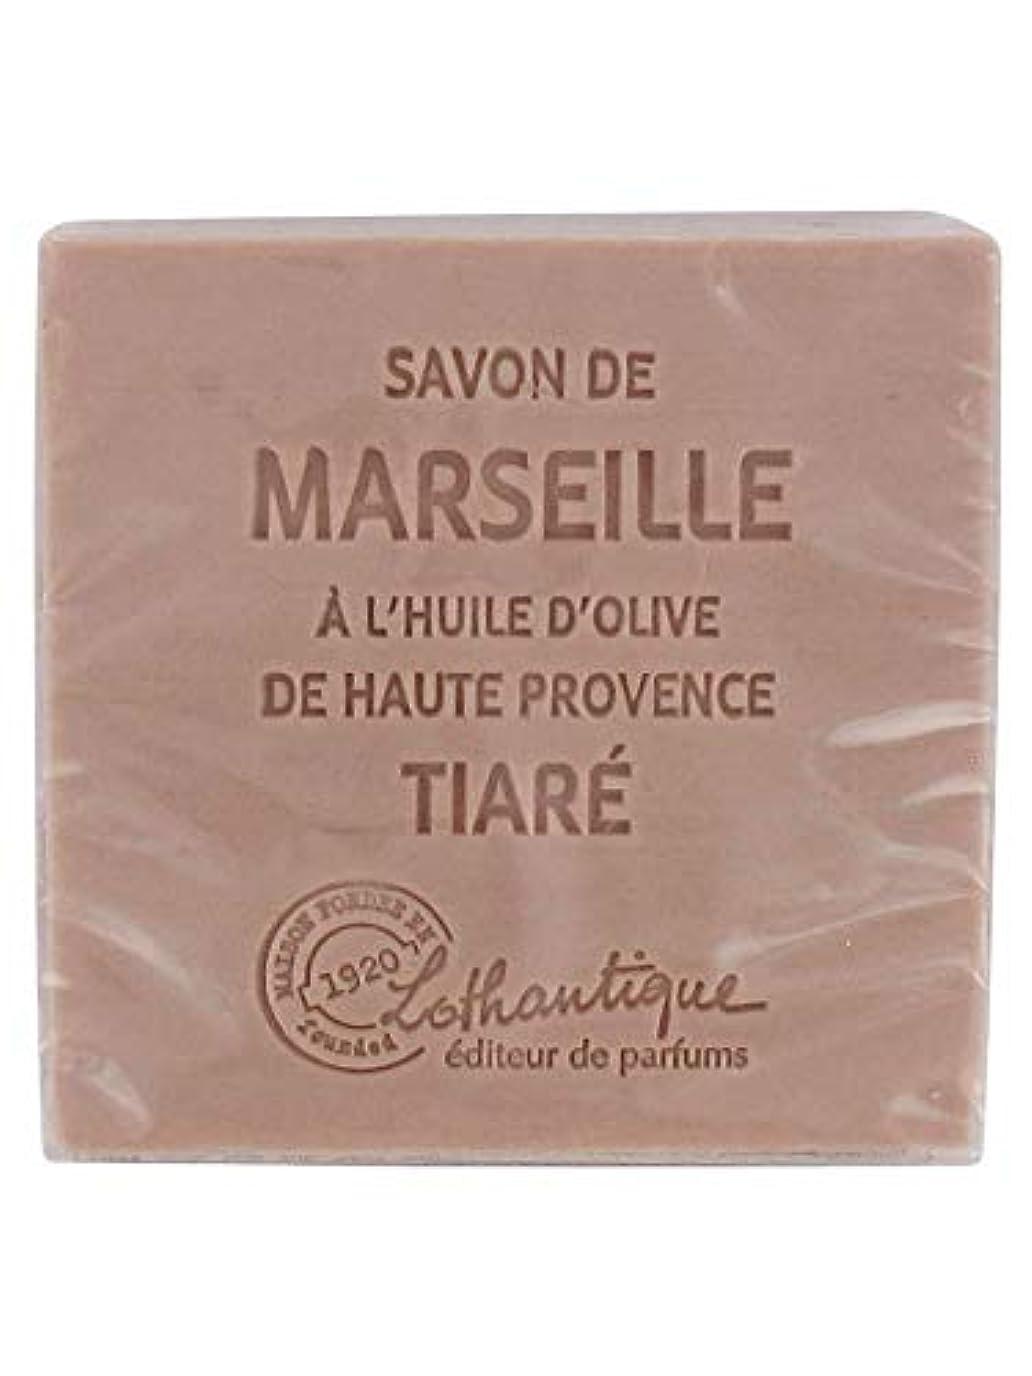 リブ影響する恐ろしいですLothantique(ロタンティック) Les savons de Marseille(マルセイユソープ) マルセイユソープ 100g 「ティアラ」 3420070038098